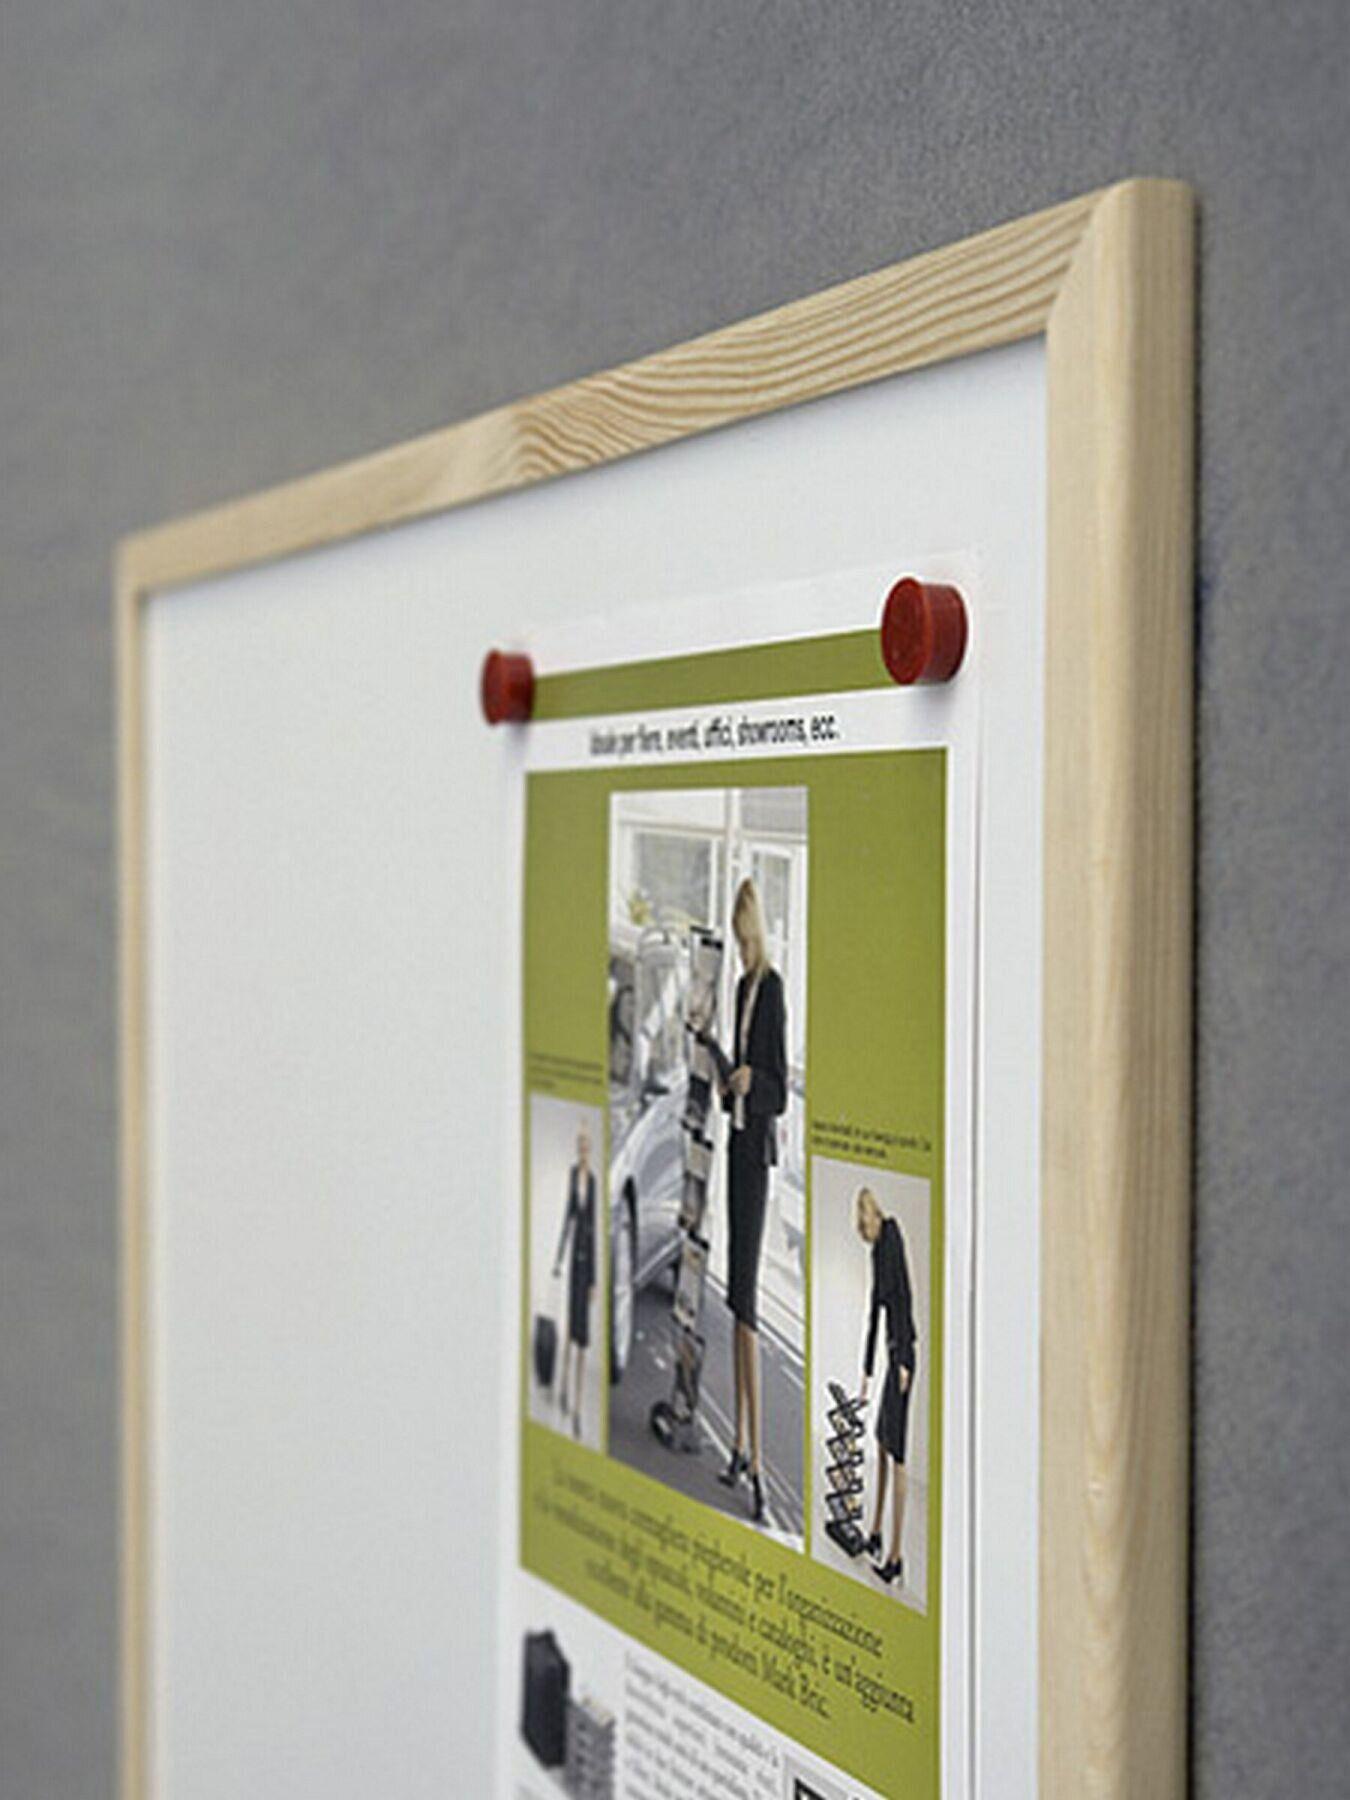 Доска белая магнитная сухостираемая (сосна) 80*120см., дерев. рамка, 2x3 - фото 2